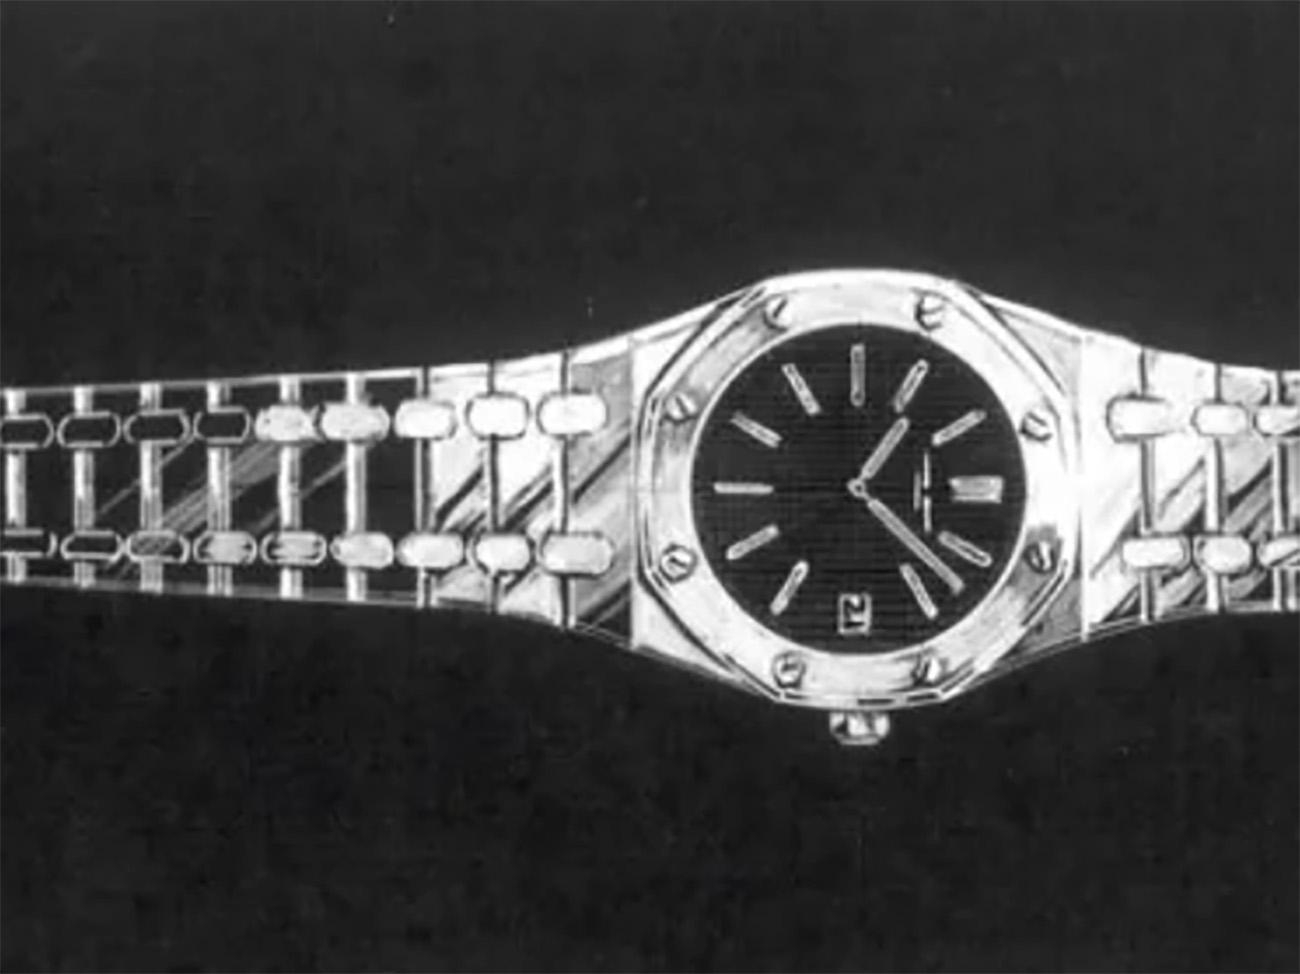 Το ρολόι-θρύλος που έχει φιγουράρει στον καρπό πολλών διασήμων αντρών